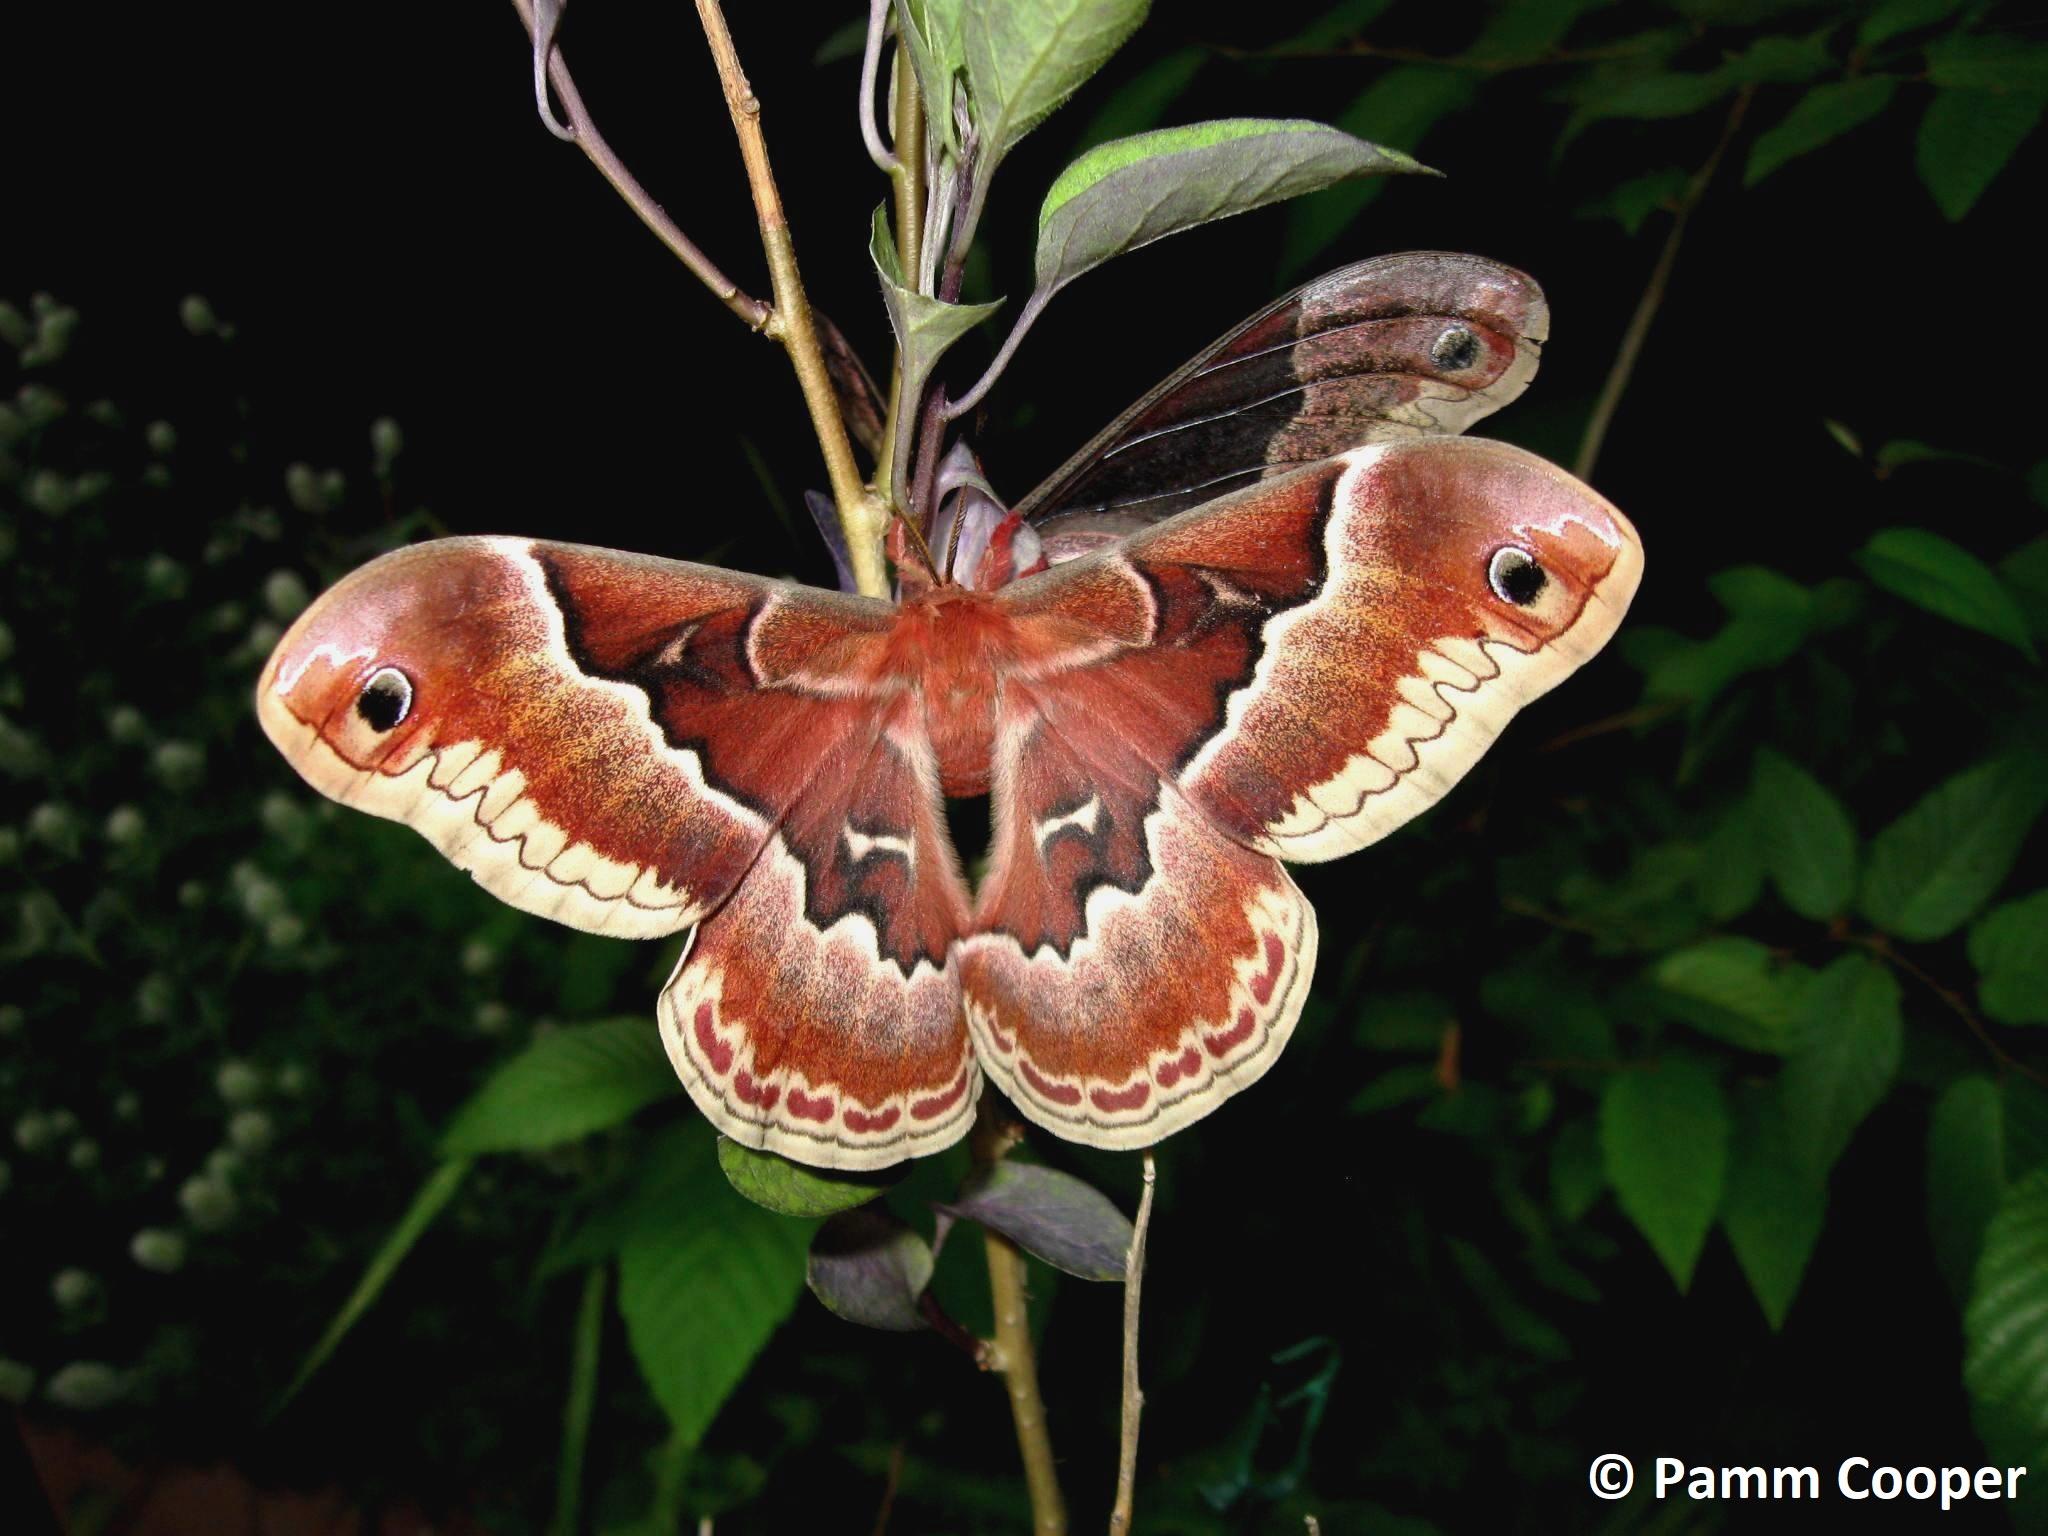 Promethea moth female 2010 raised from egg found on sassafrass Belding